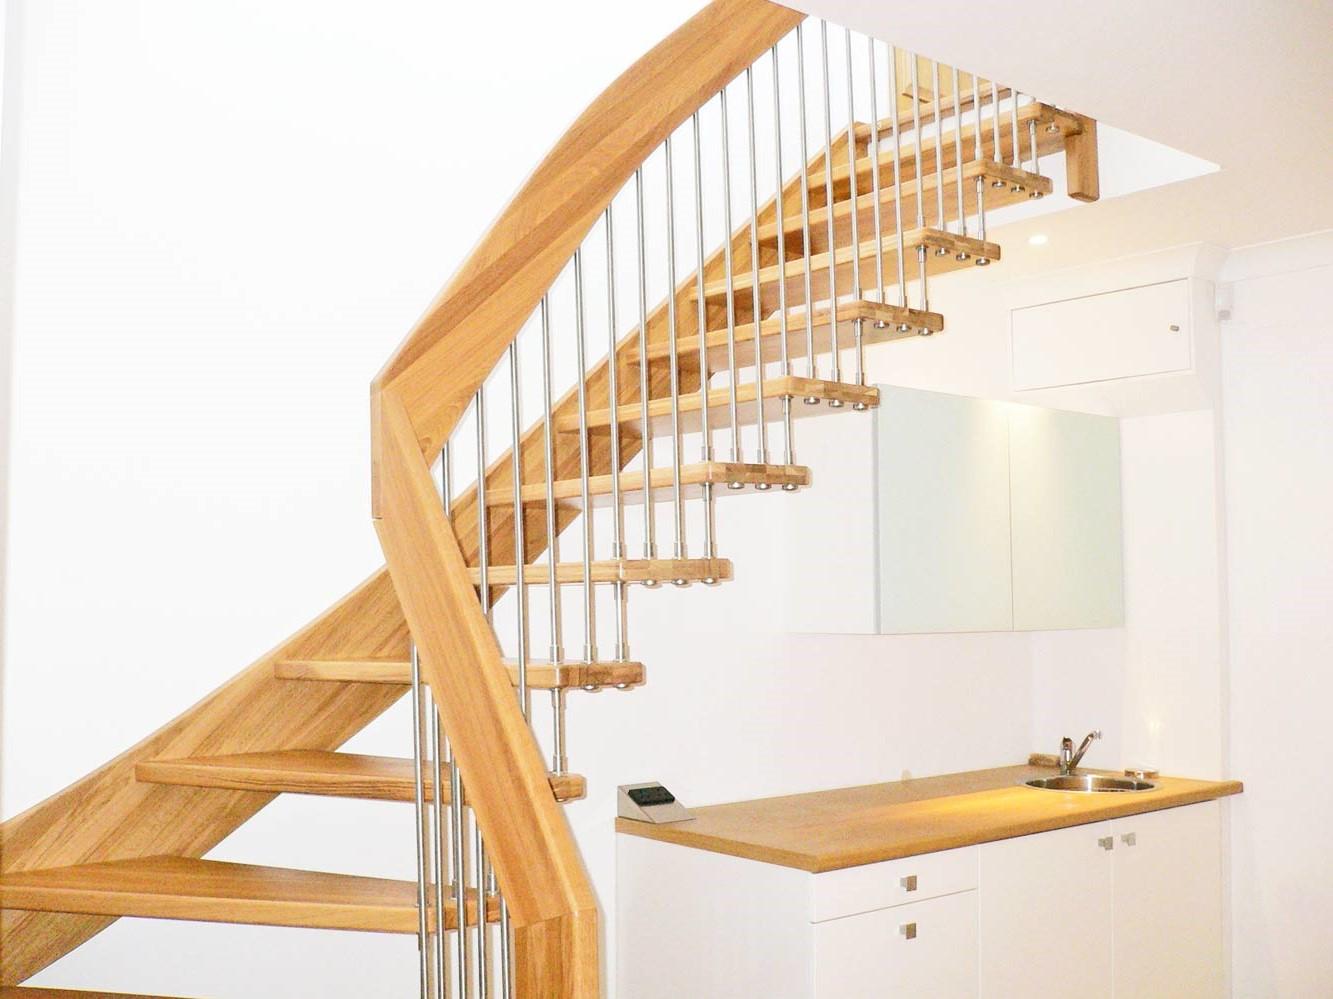 Escalier quart tournant en bois.